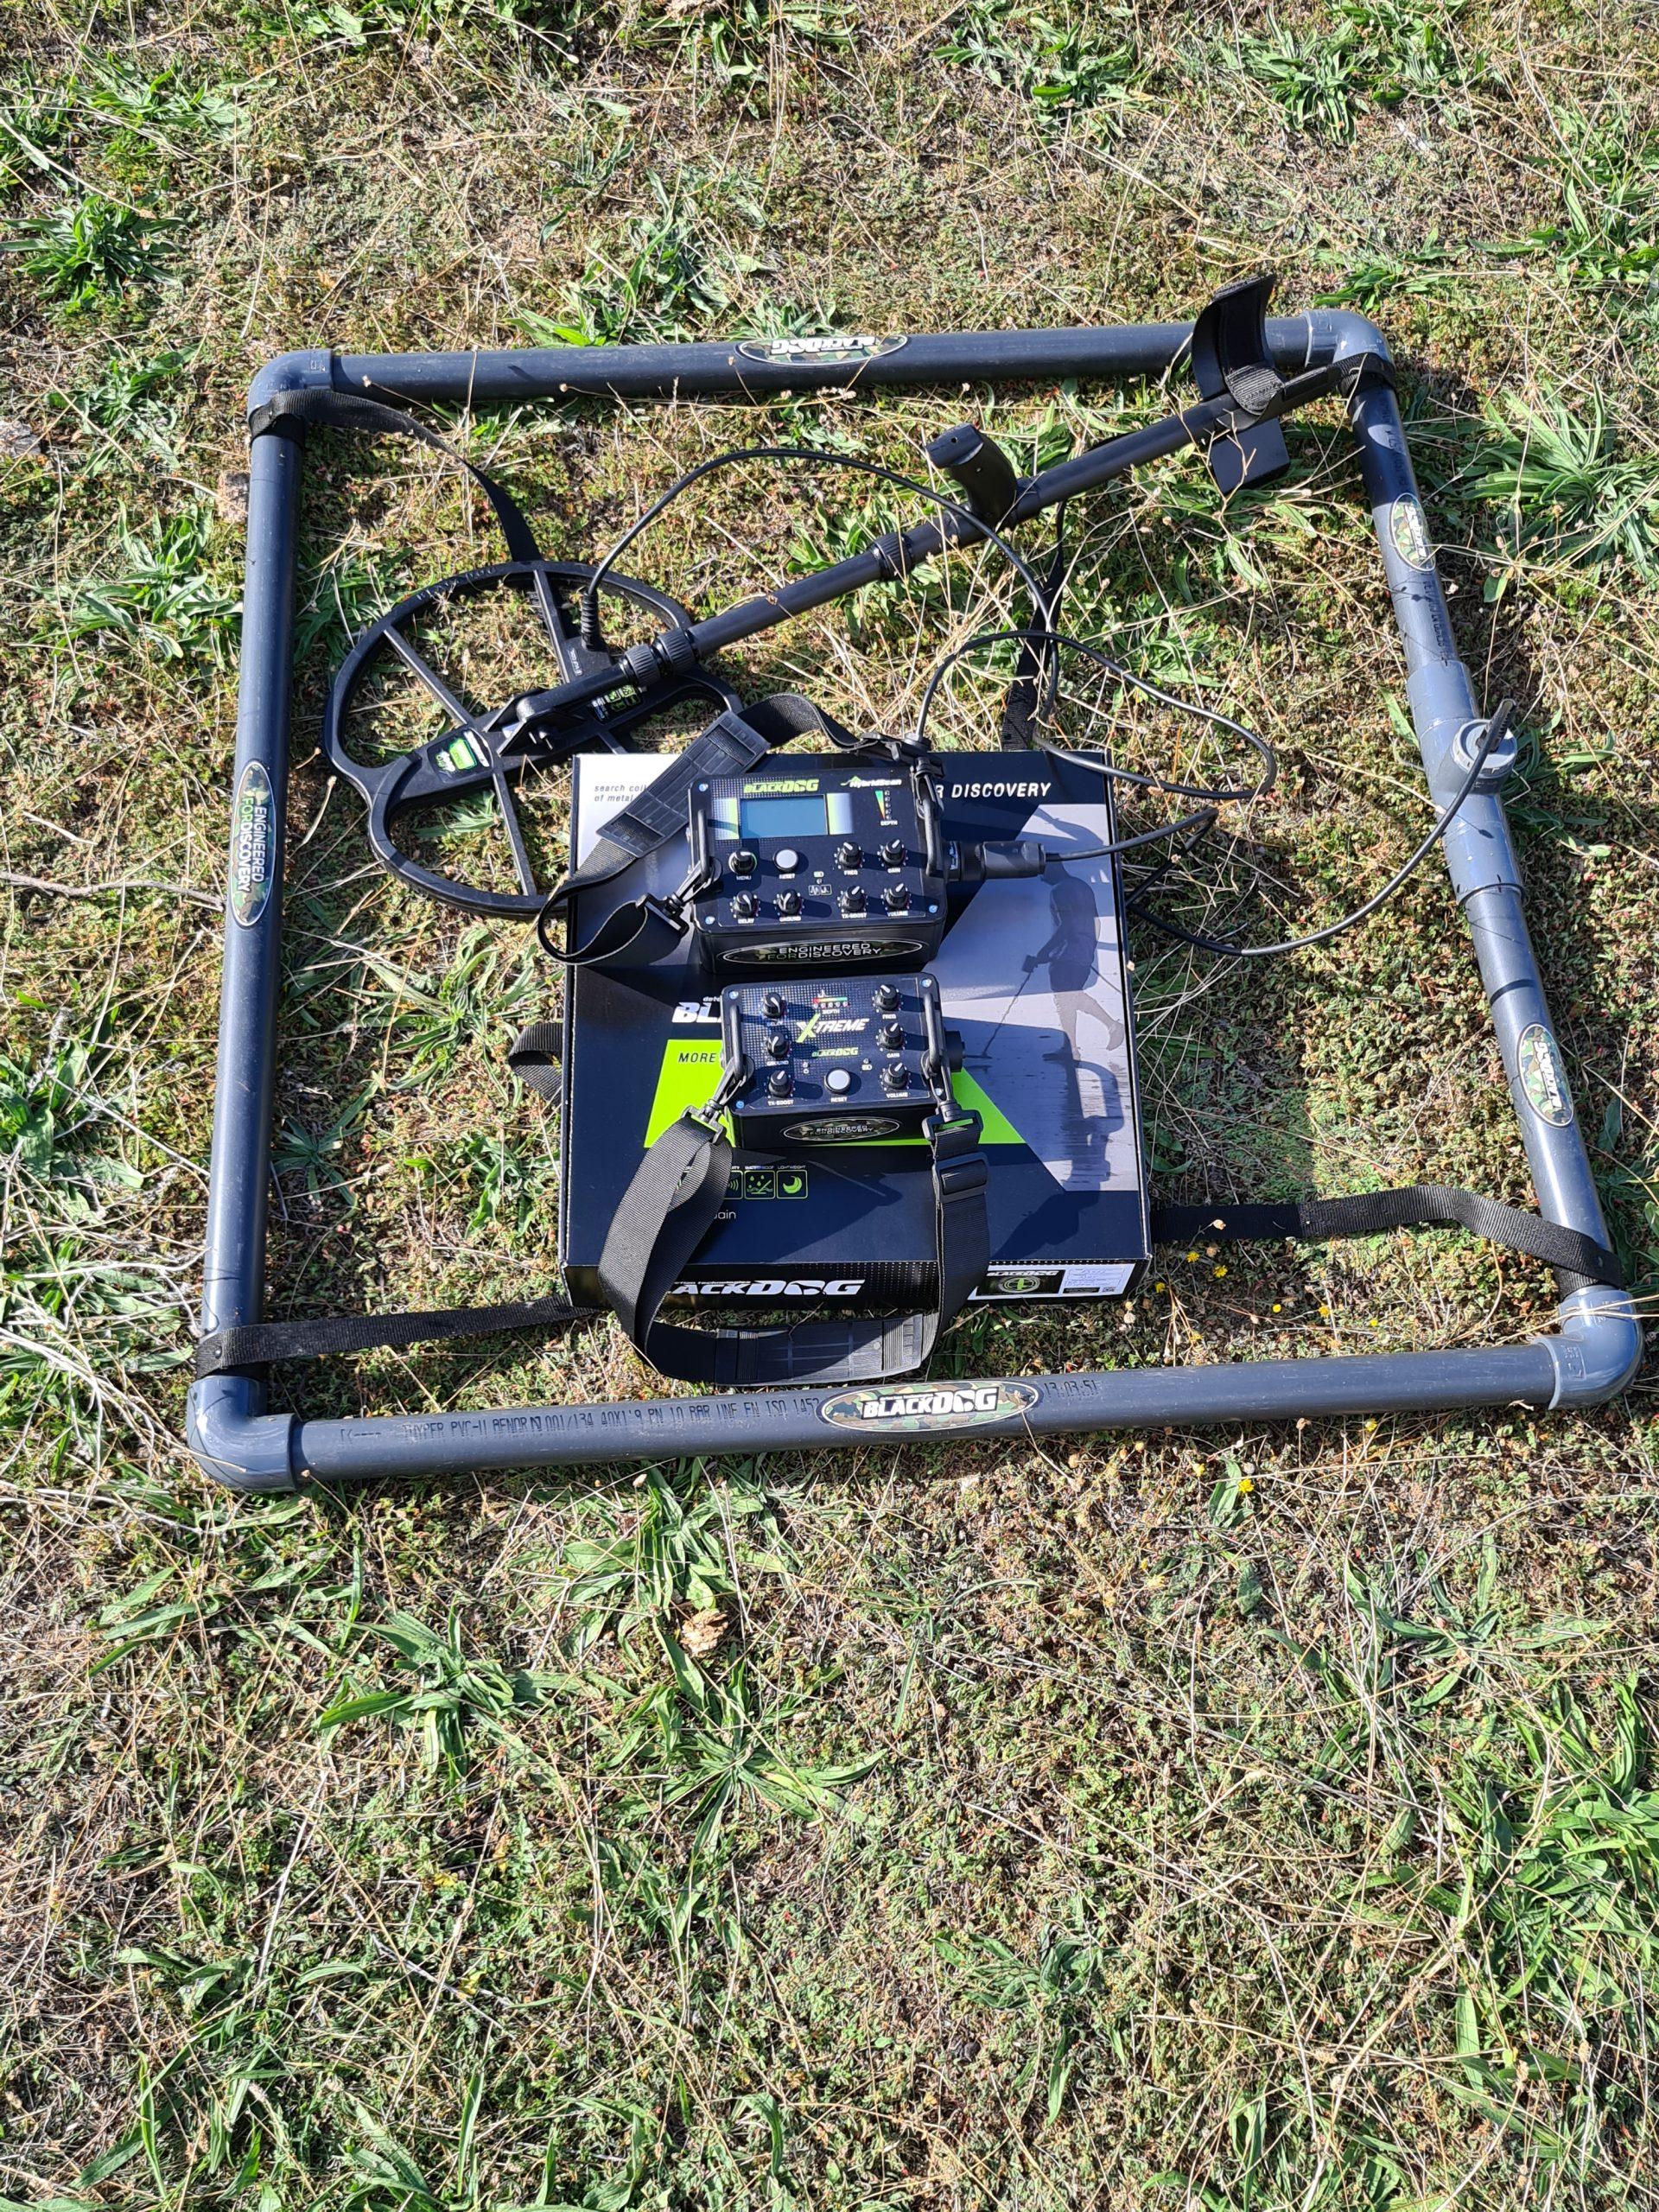 plato blackdog de gran profundidad para detectores de metales